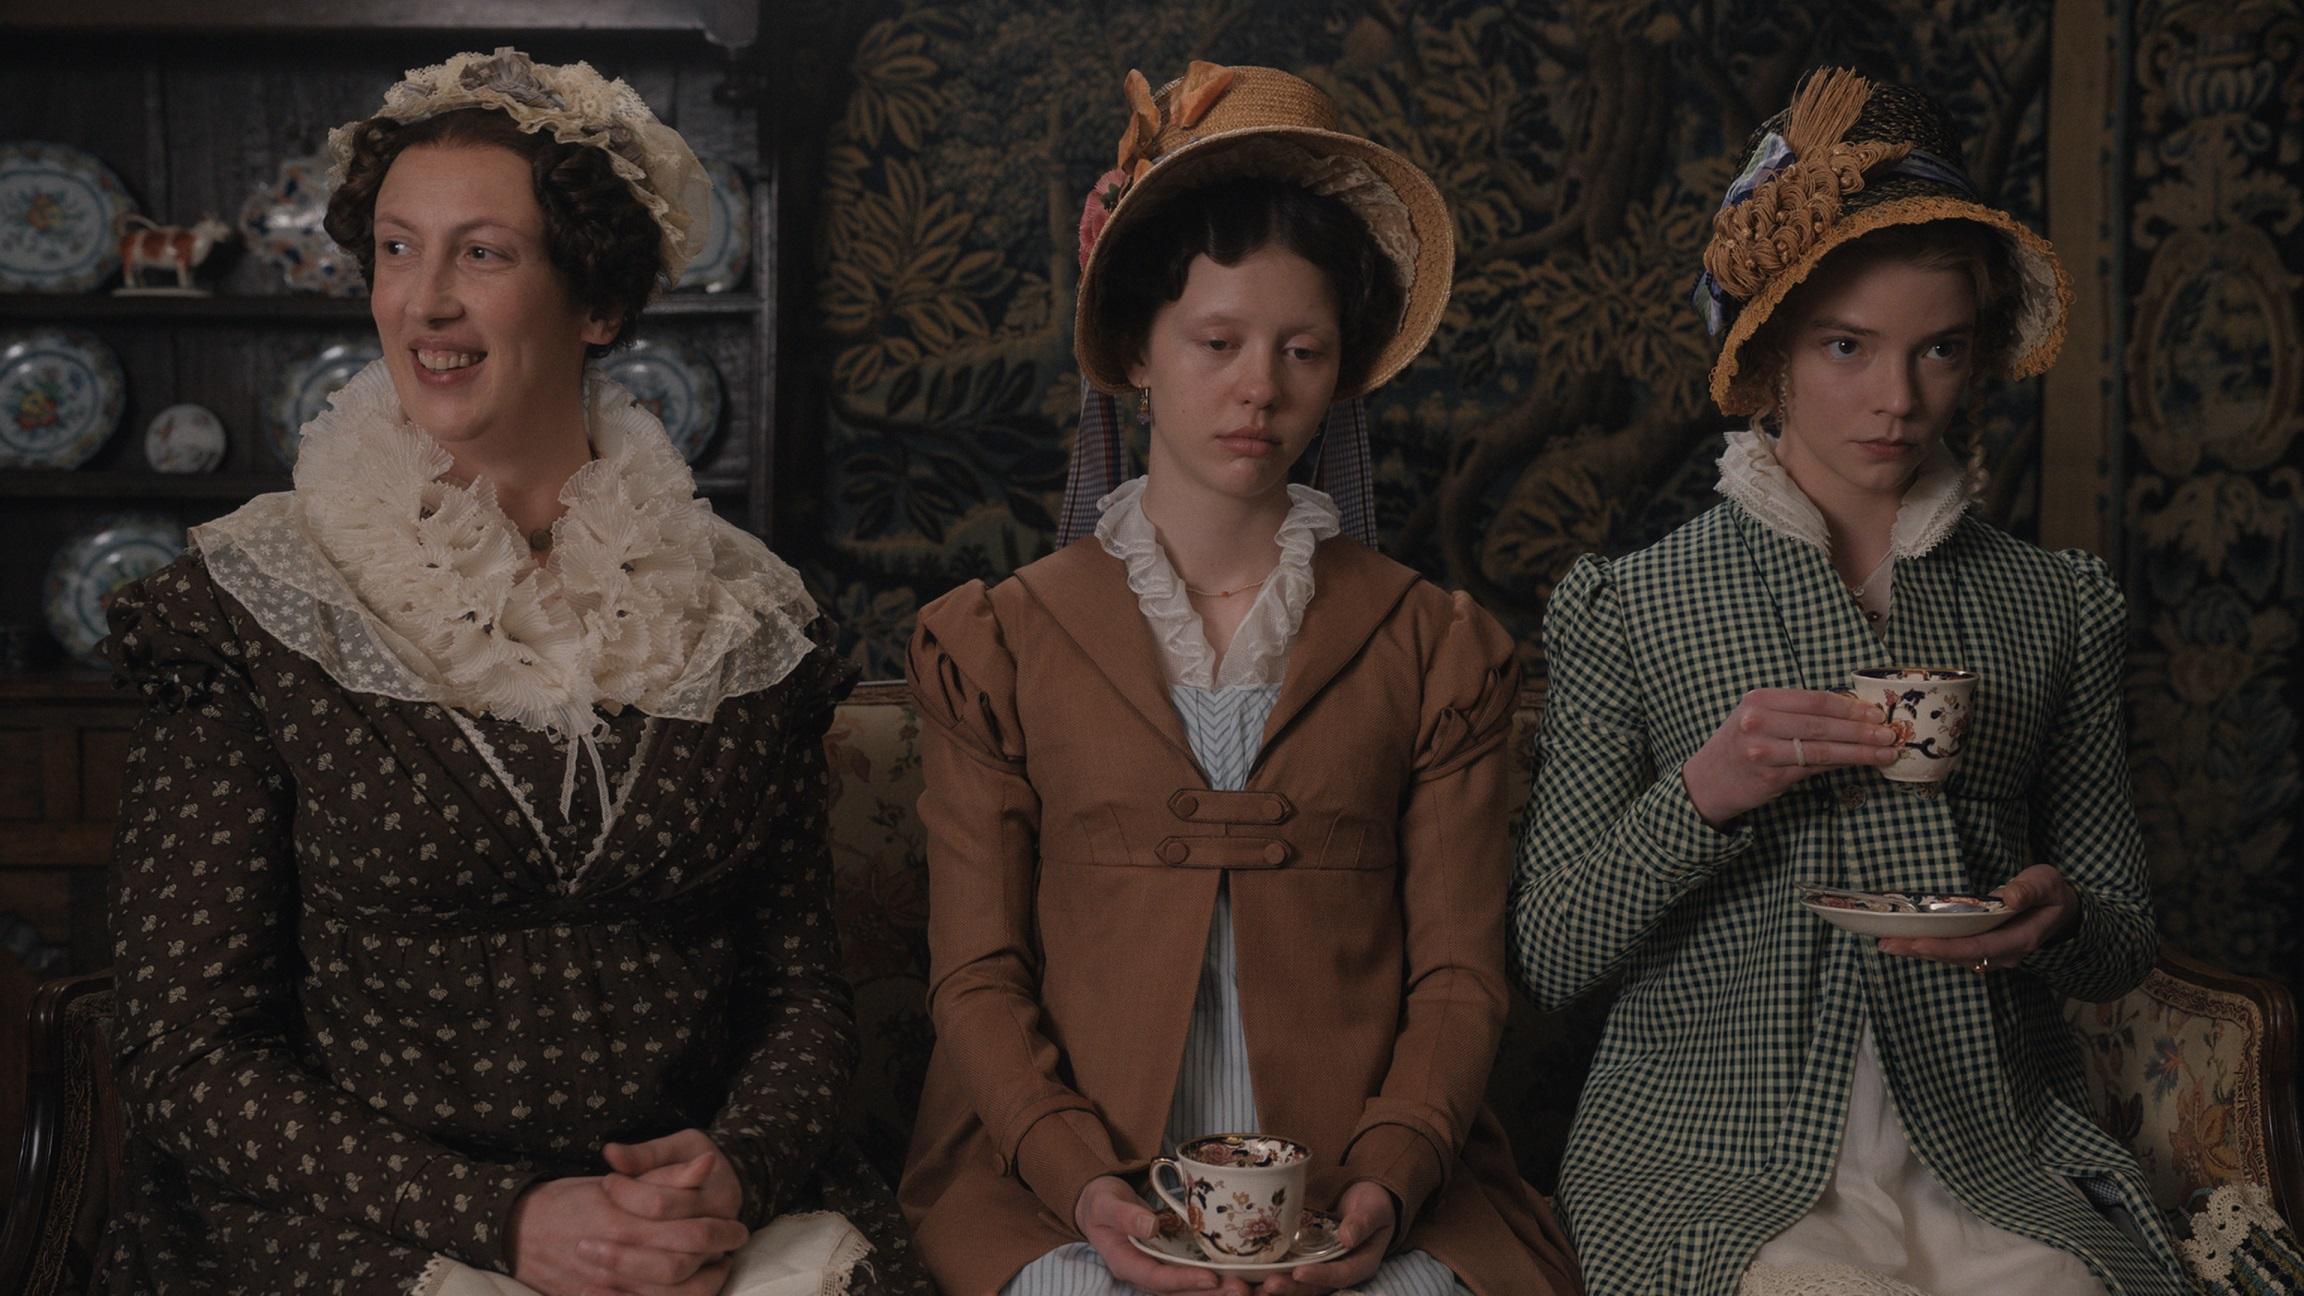 珍奧斯汀愛情喜劇傑作《艾瑪.》 安雅泰勒喬伊才華出眾雀屏中選艾瑪一角